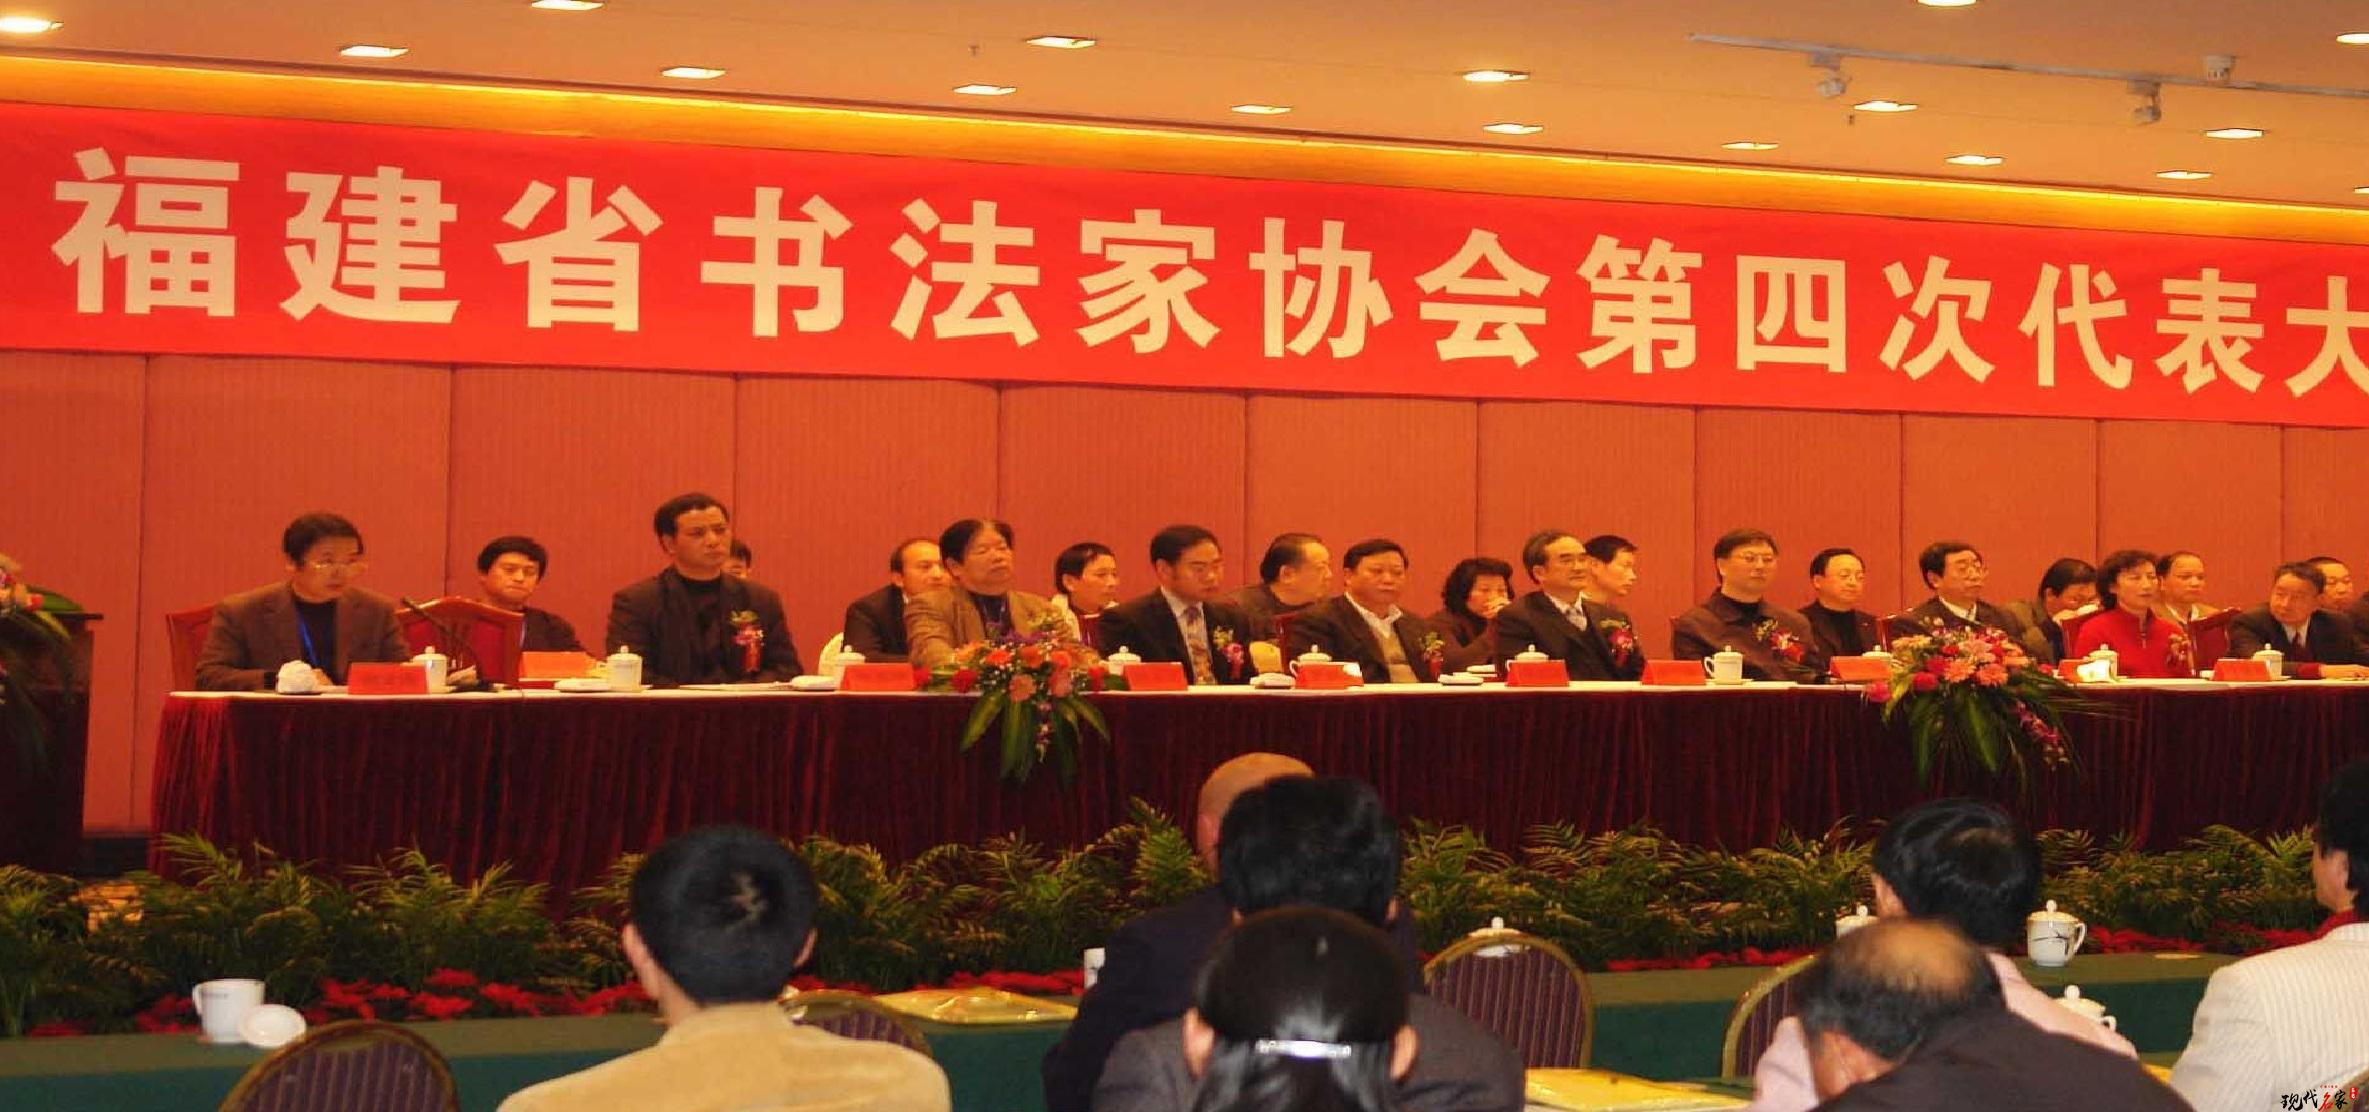 福建省书法家协会